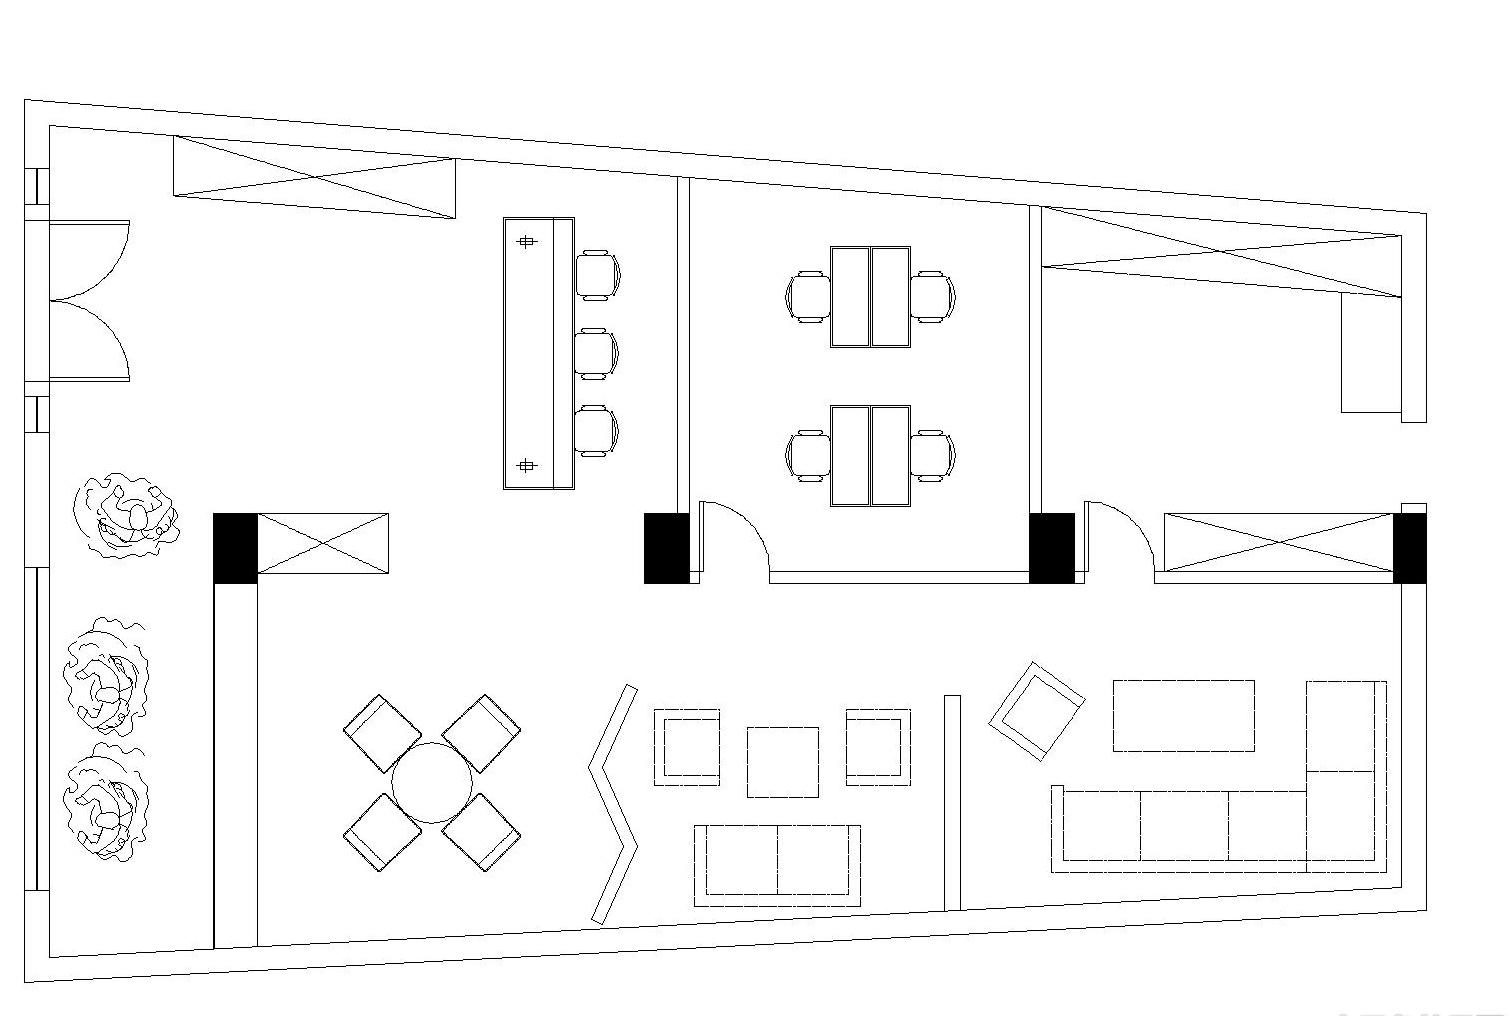 婚纱店平面布置图_婚纱店设计平面布置图